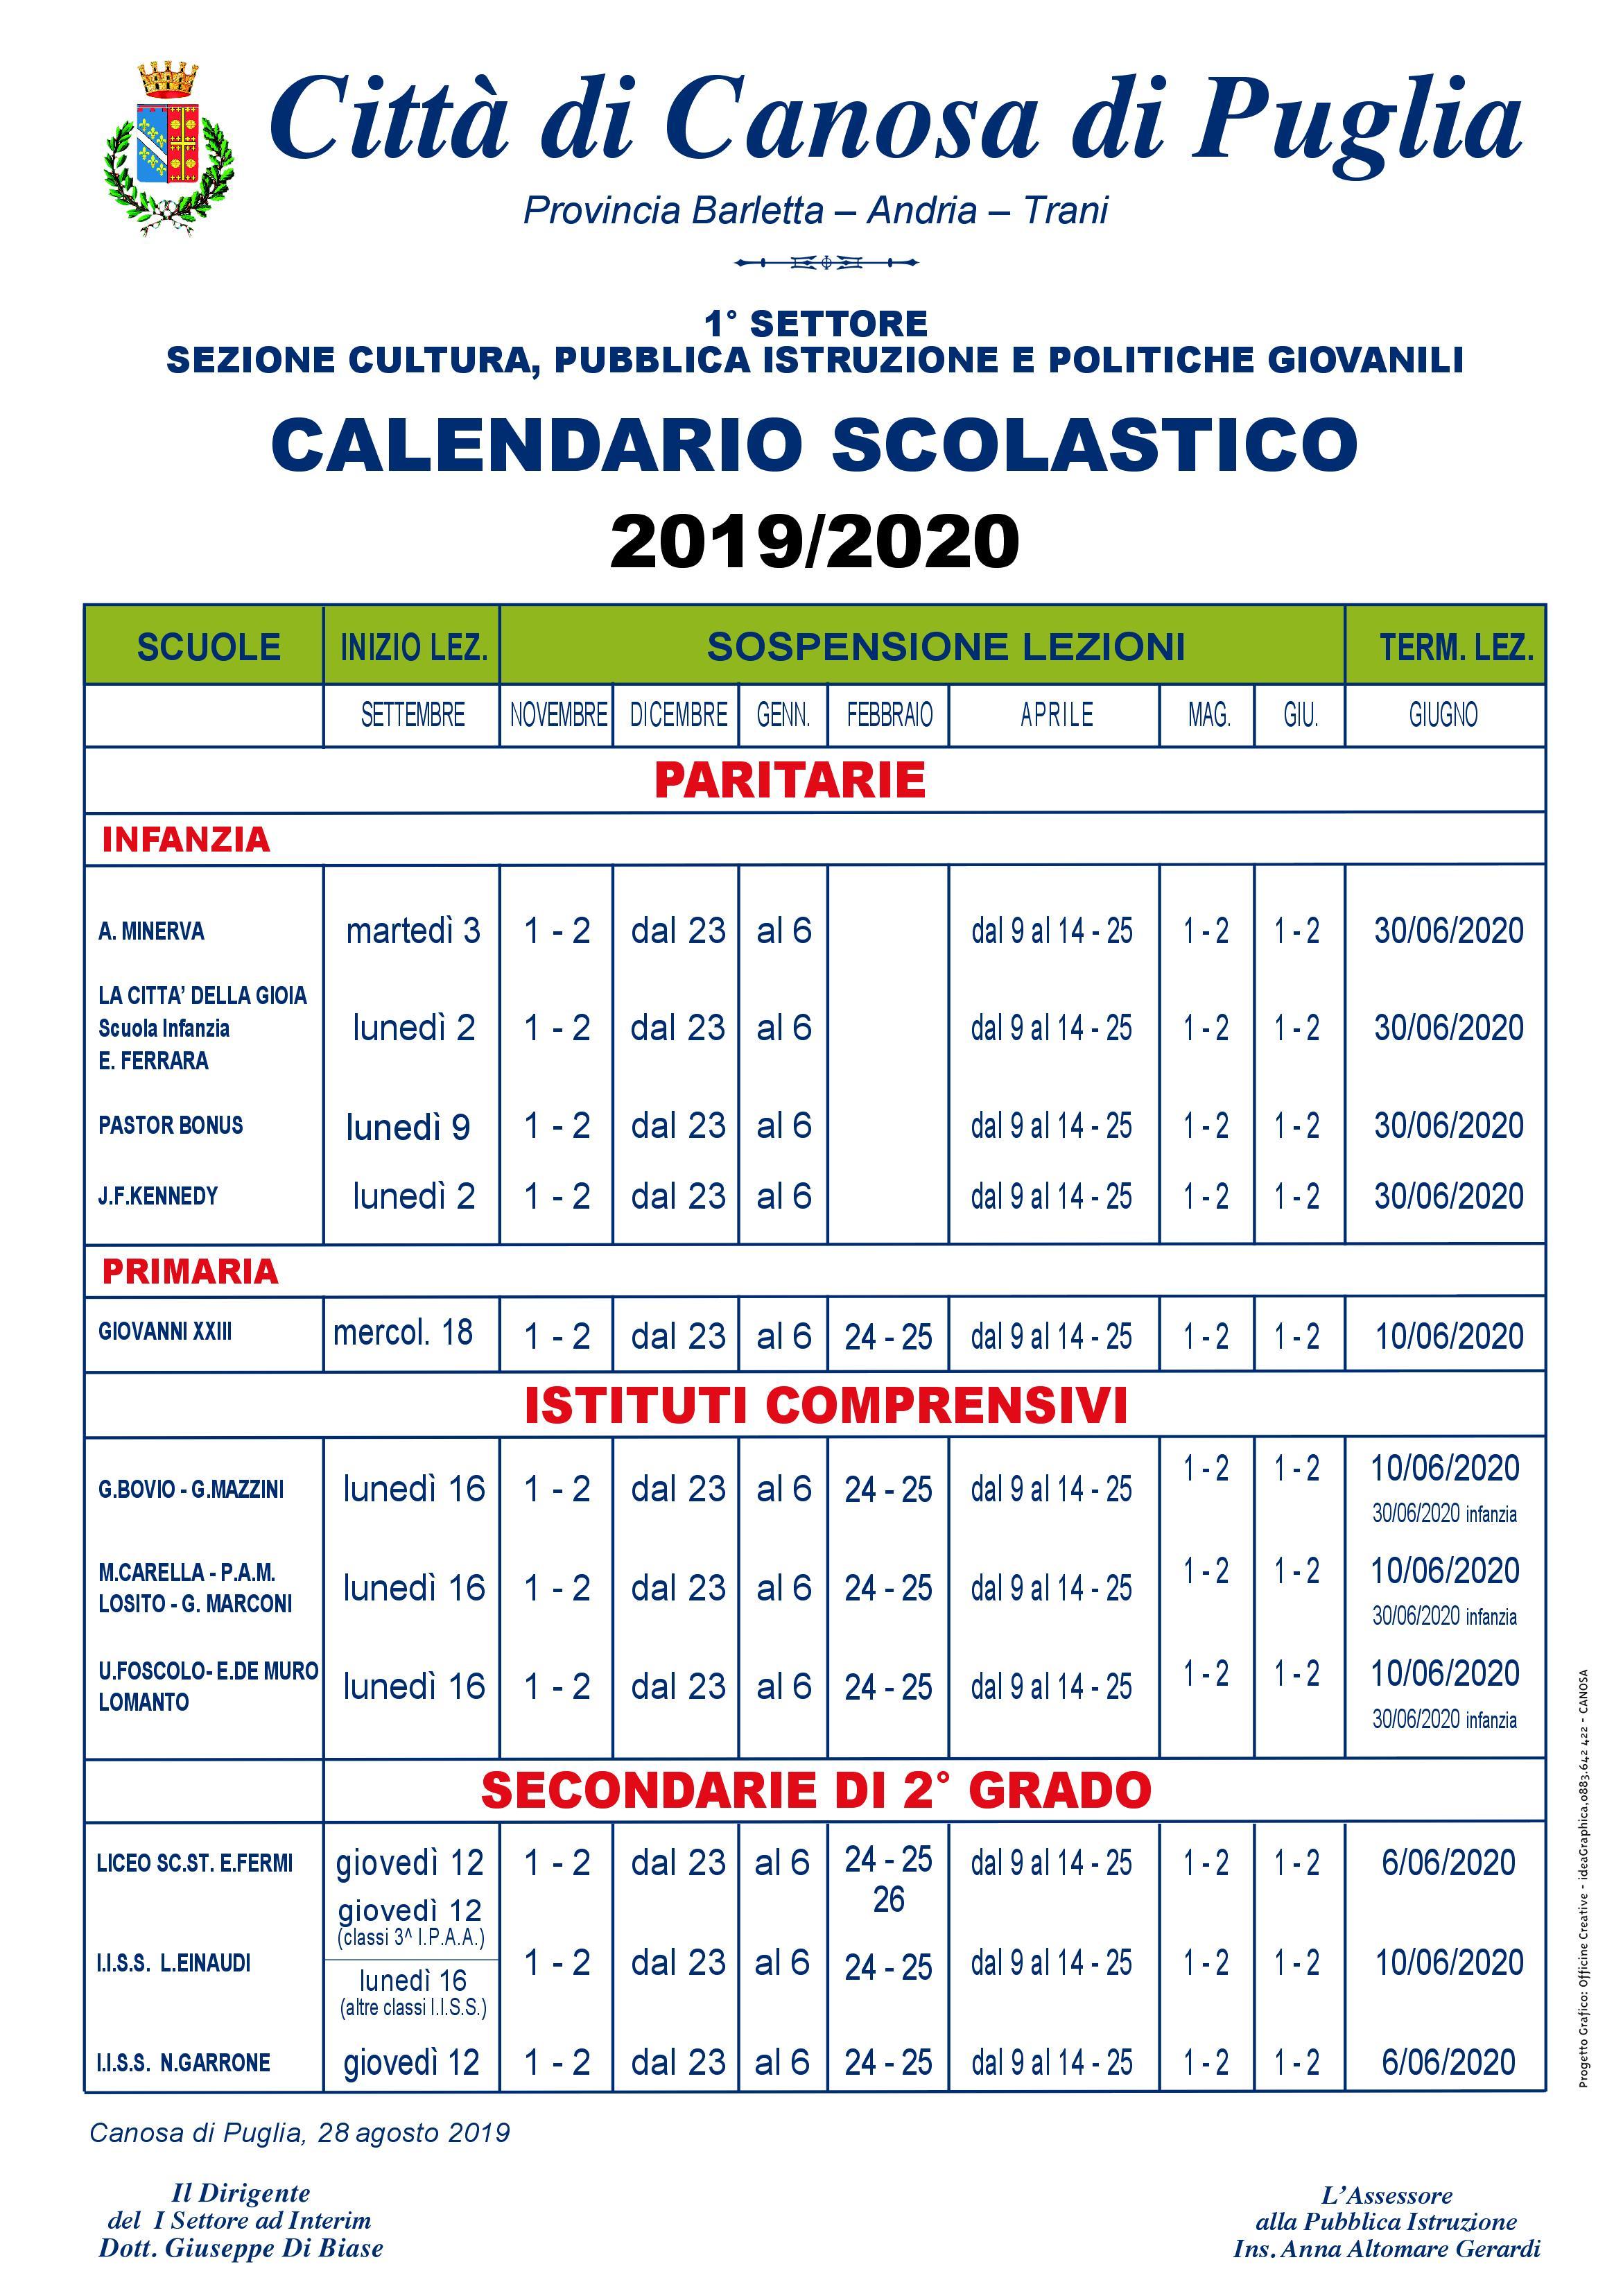 Calendario Scolastico 2020 20.Al Via Il Nuovo Anno Scolastico Comune Di Canosa Di Puglia